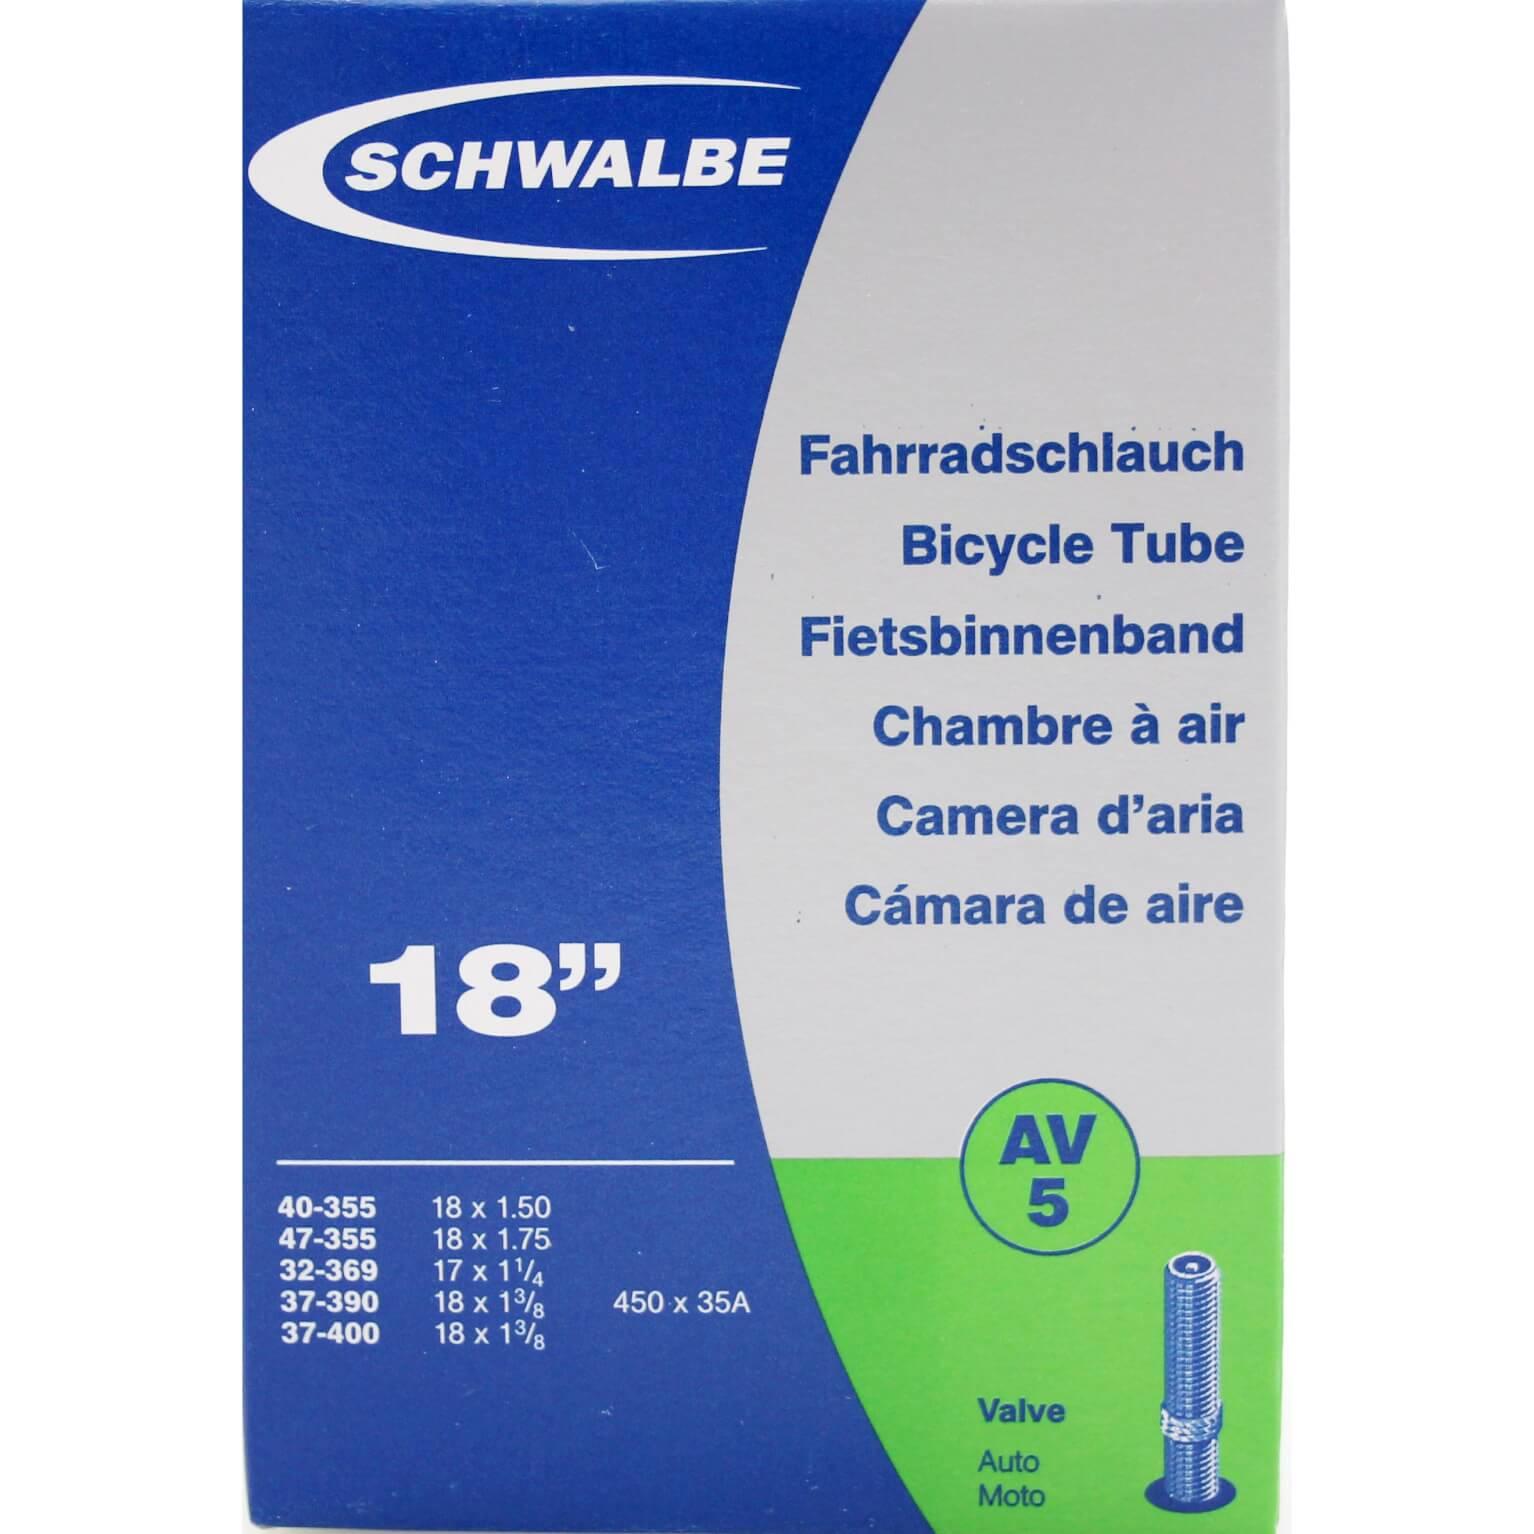 Schwalbe bnb AV5 17 x 1 1/4 - 18 x 1.75 av 40mm